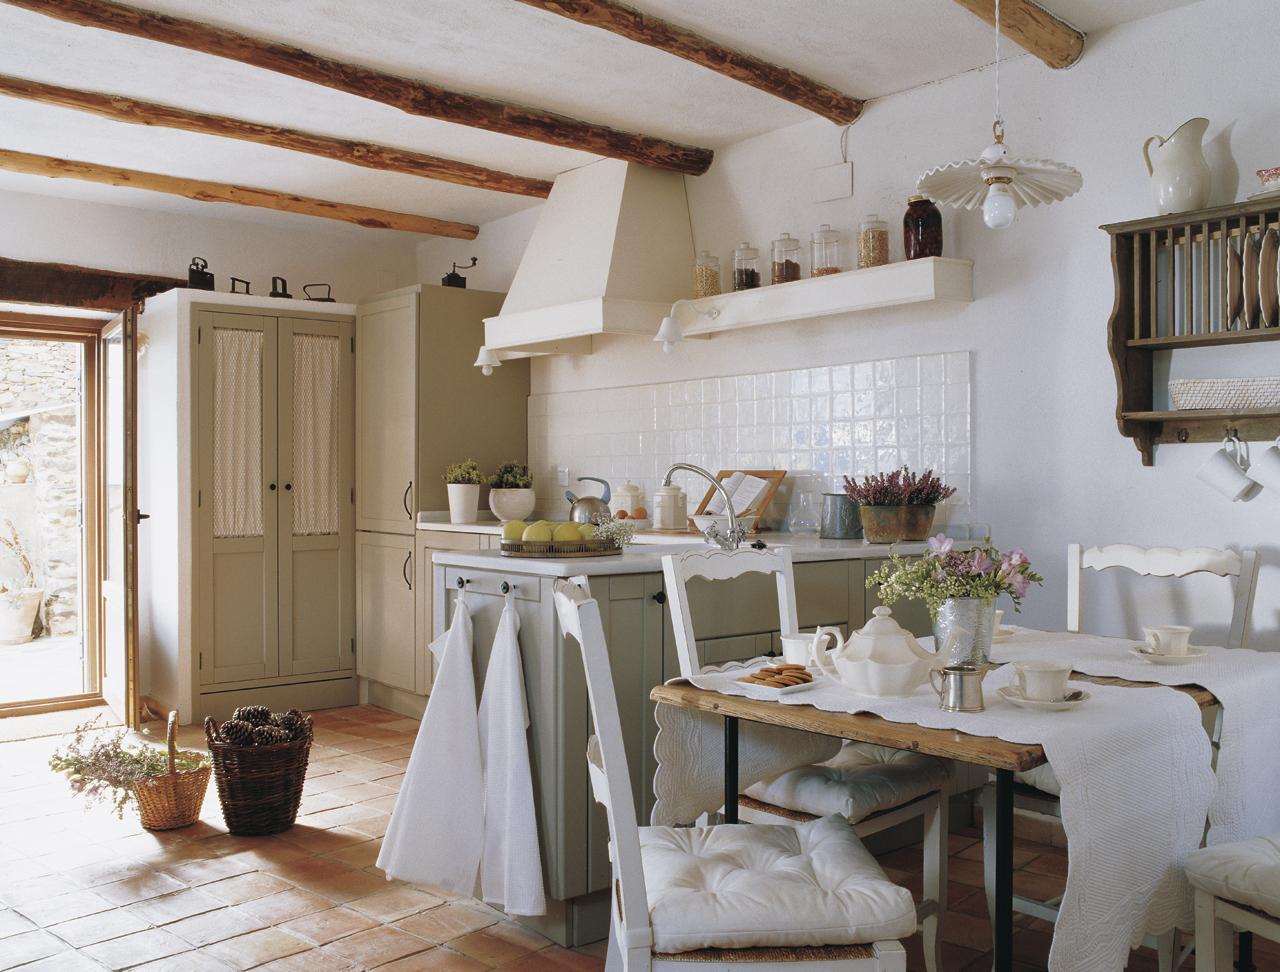 Campanas techo cocina